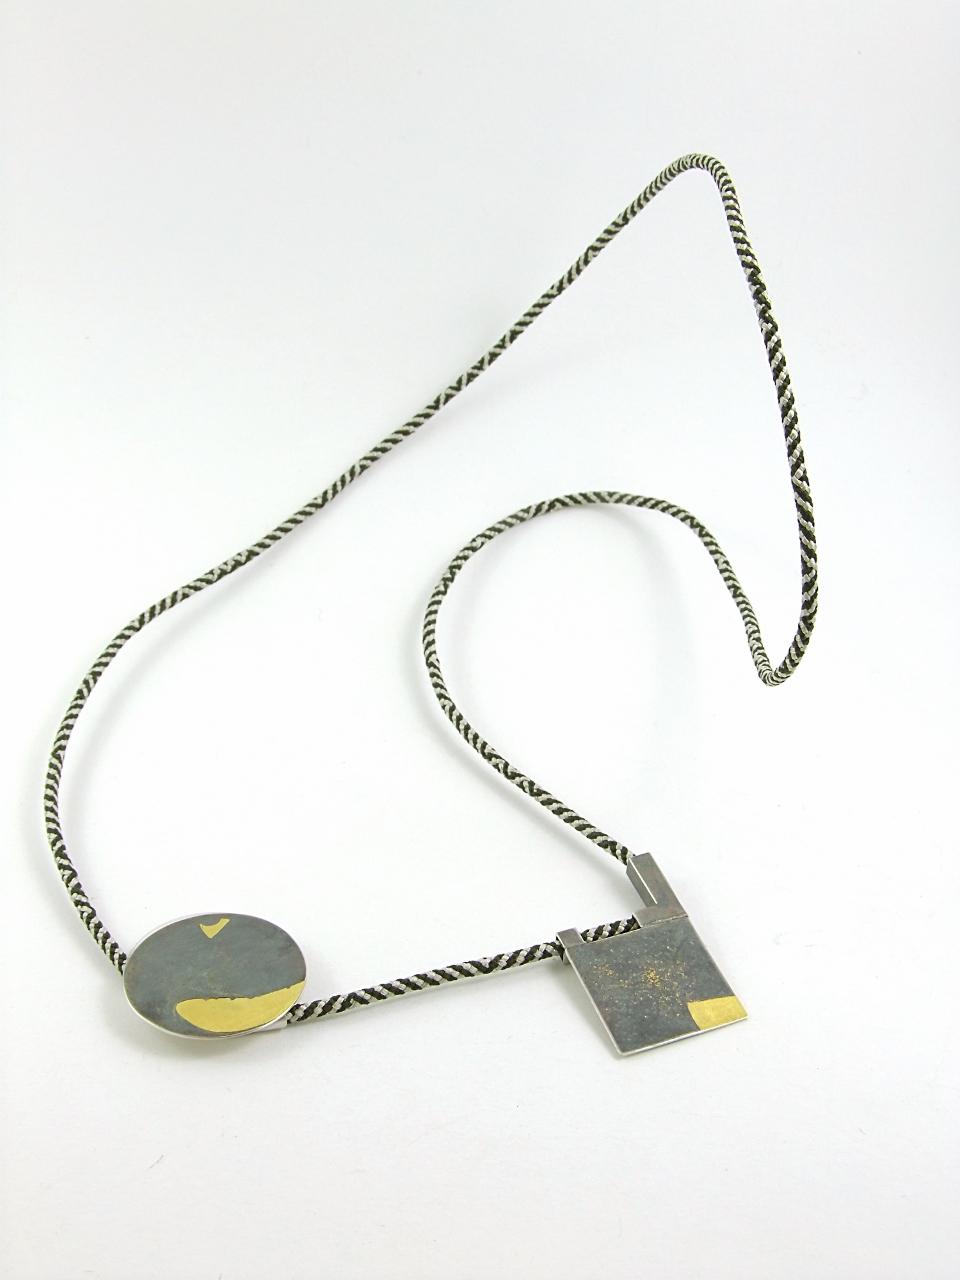 HBM0043A